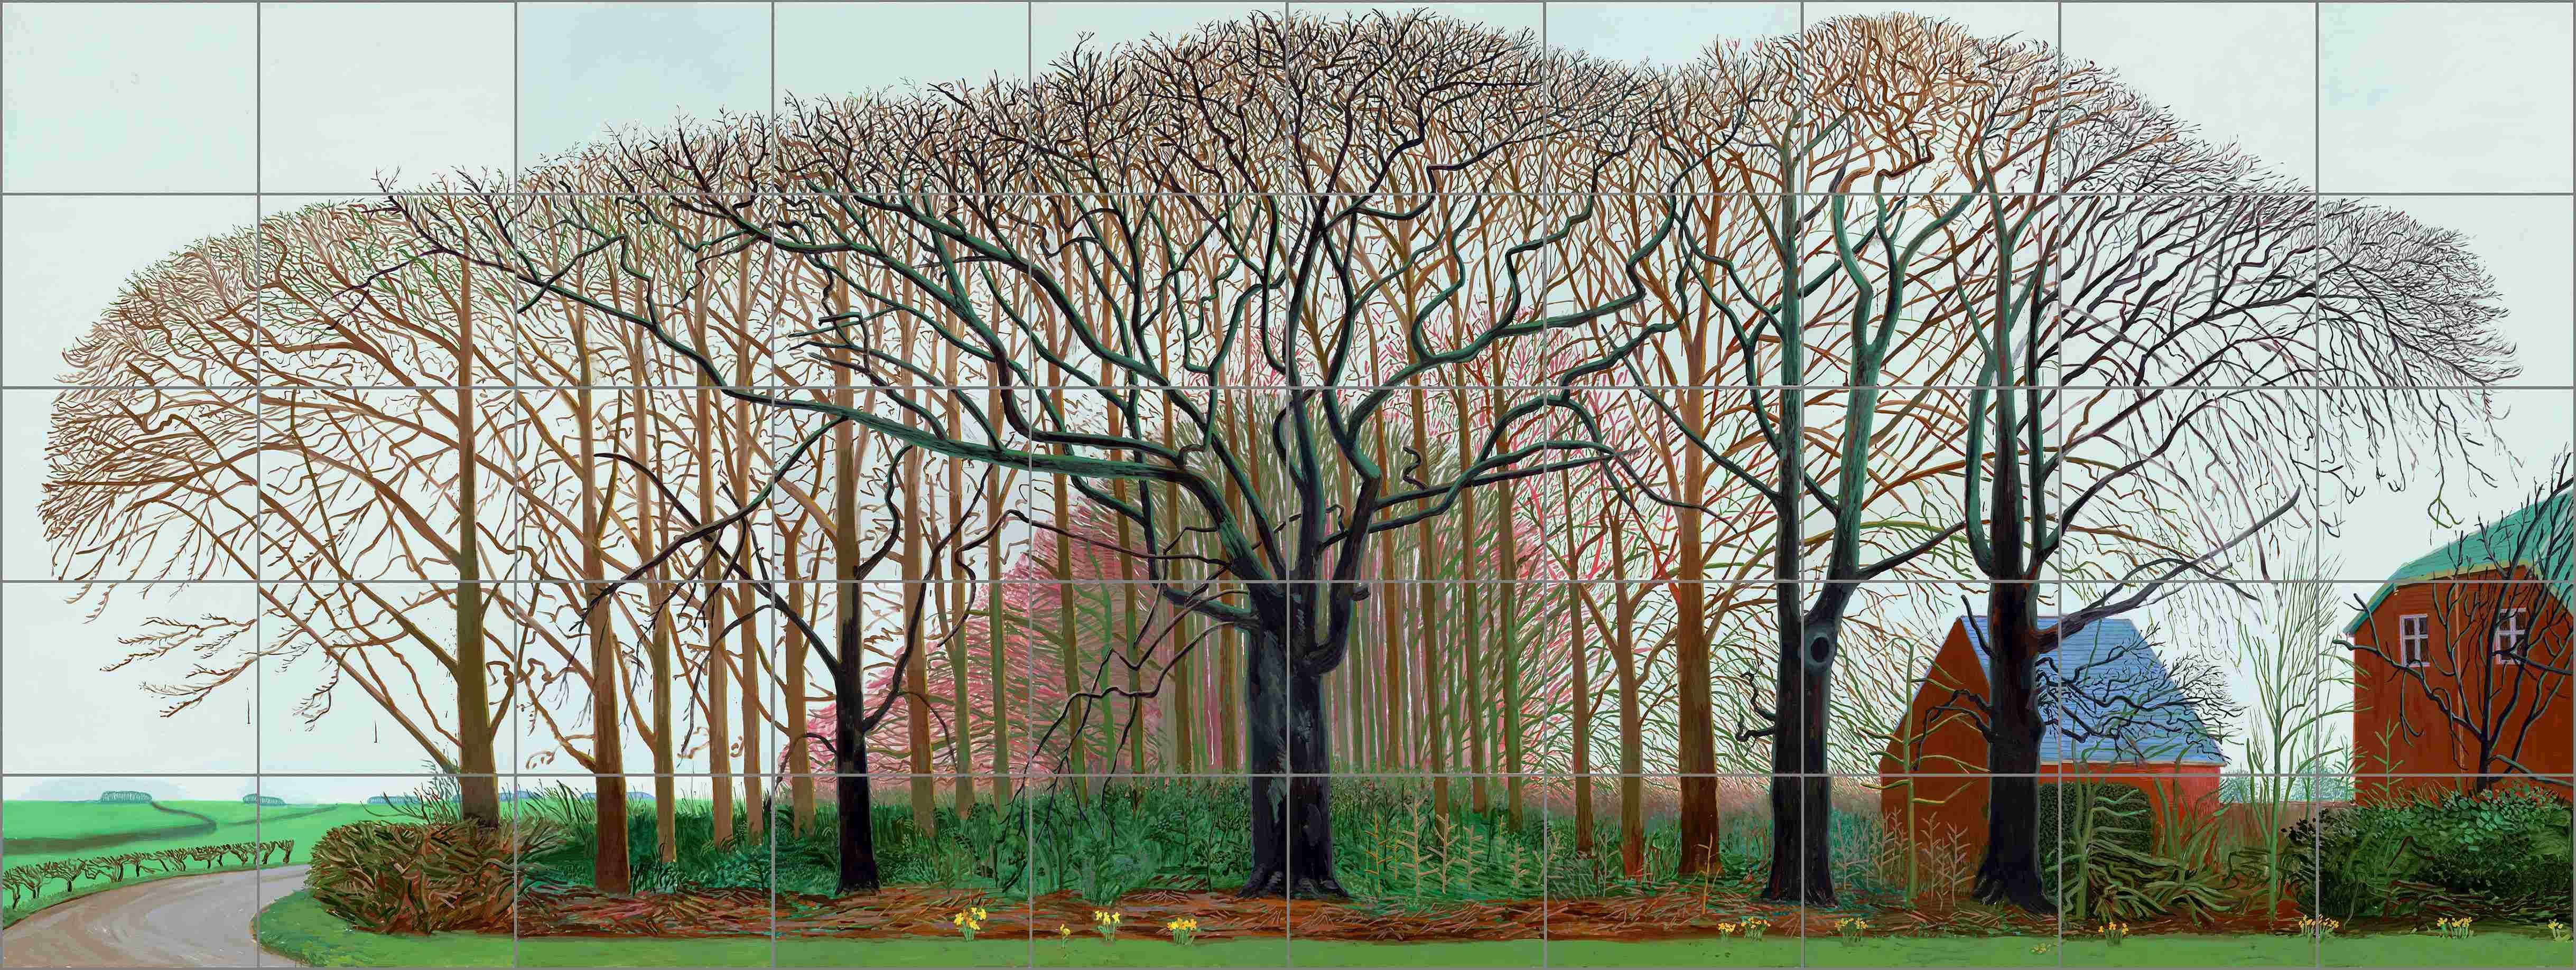 «Au début du troisième millénaire, David Hockney revient sur les sites de son enfance. Le passage des saisons devient le seul véritable sujet de ses paysages du Yorkshire. A l'exubérance immuable de la botanique californienne, succède une végétation qui traverse les cycles de la croissance et du déclin. Ce cycle saisonnier inspire au peintre une méditation empreinte de la gravité des mythes les plus immémoriaux.»